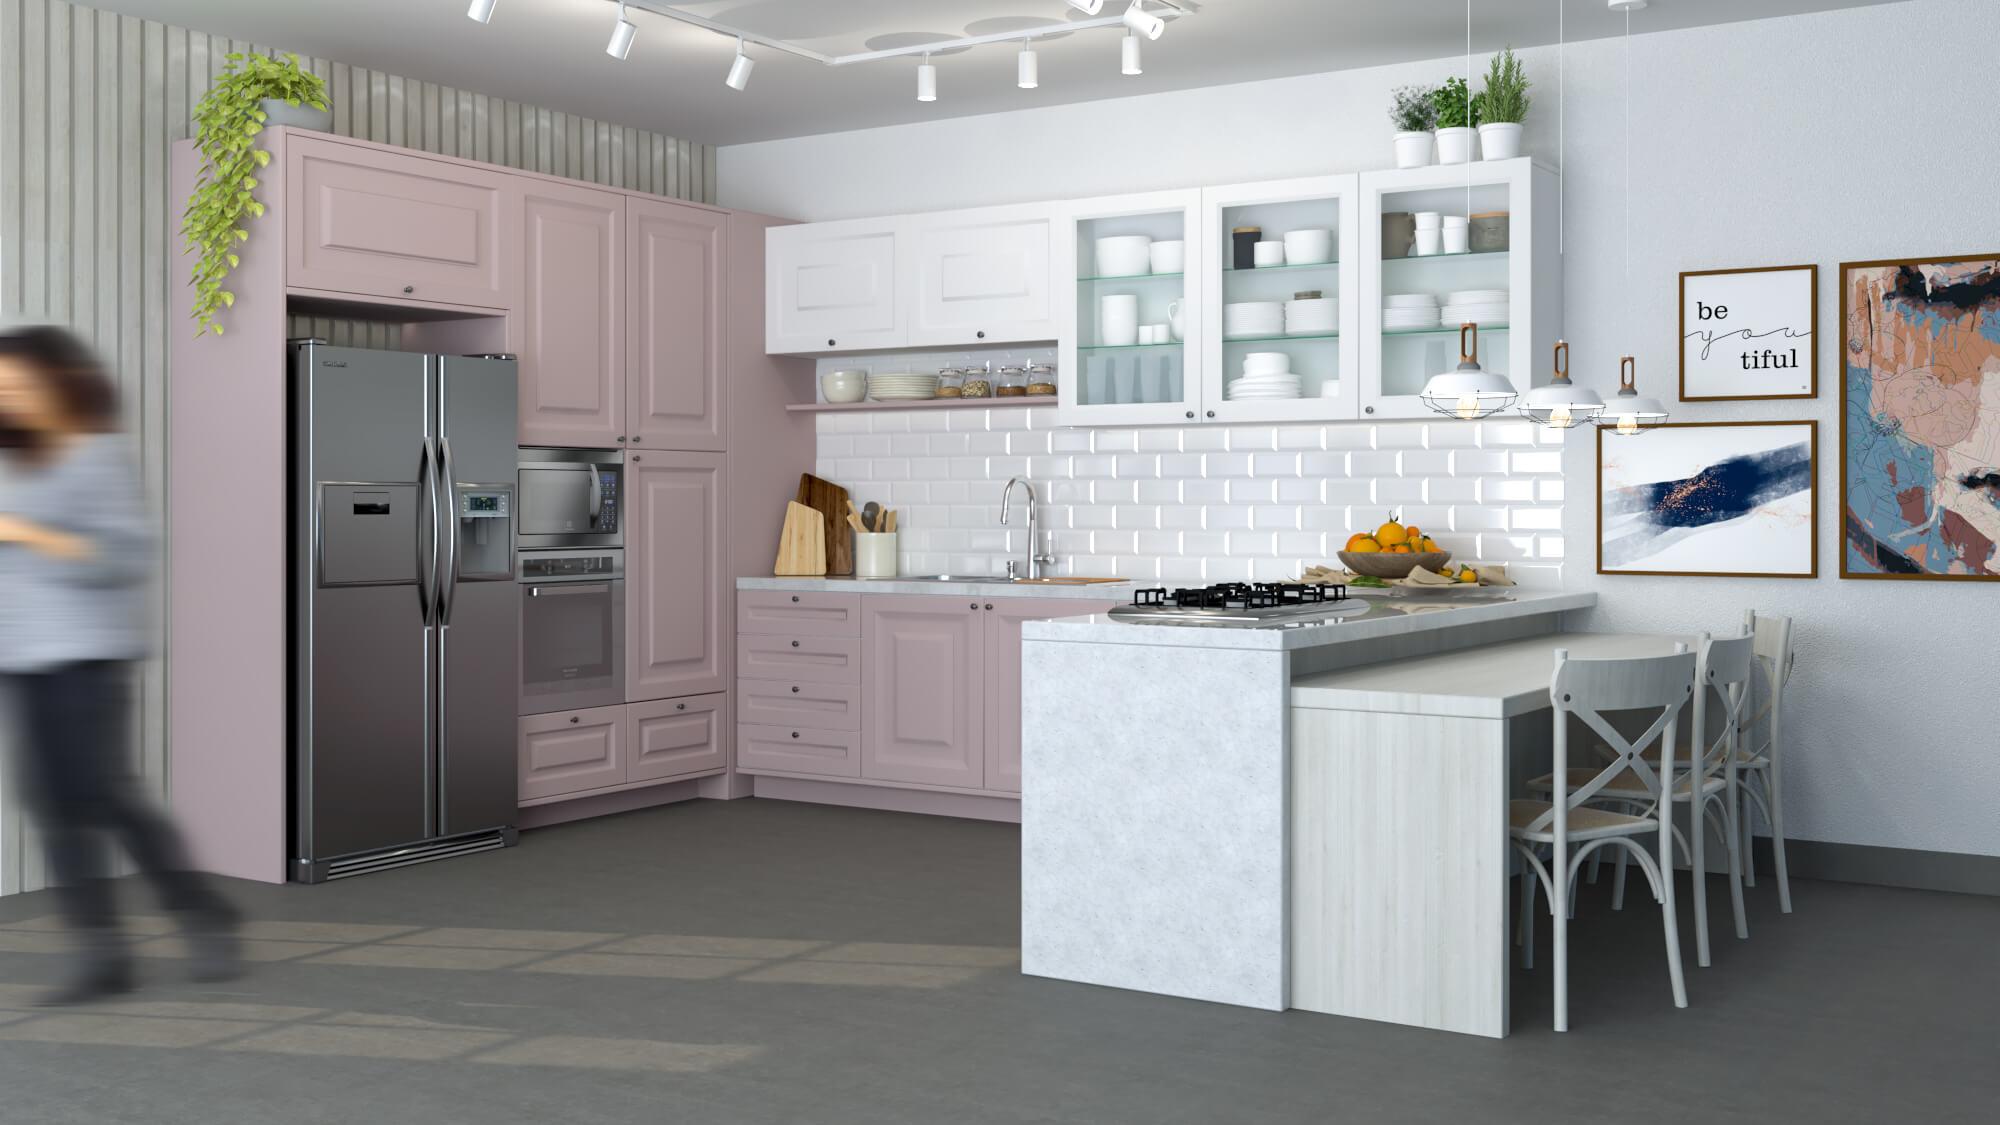 cozinha modulada e planejada em tom de rosa e branco - estilo provençal